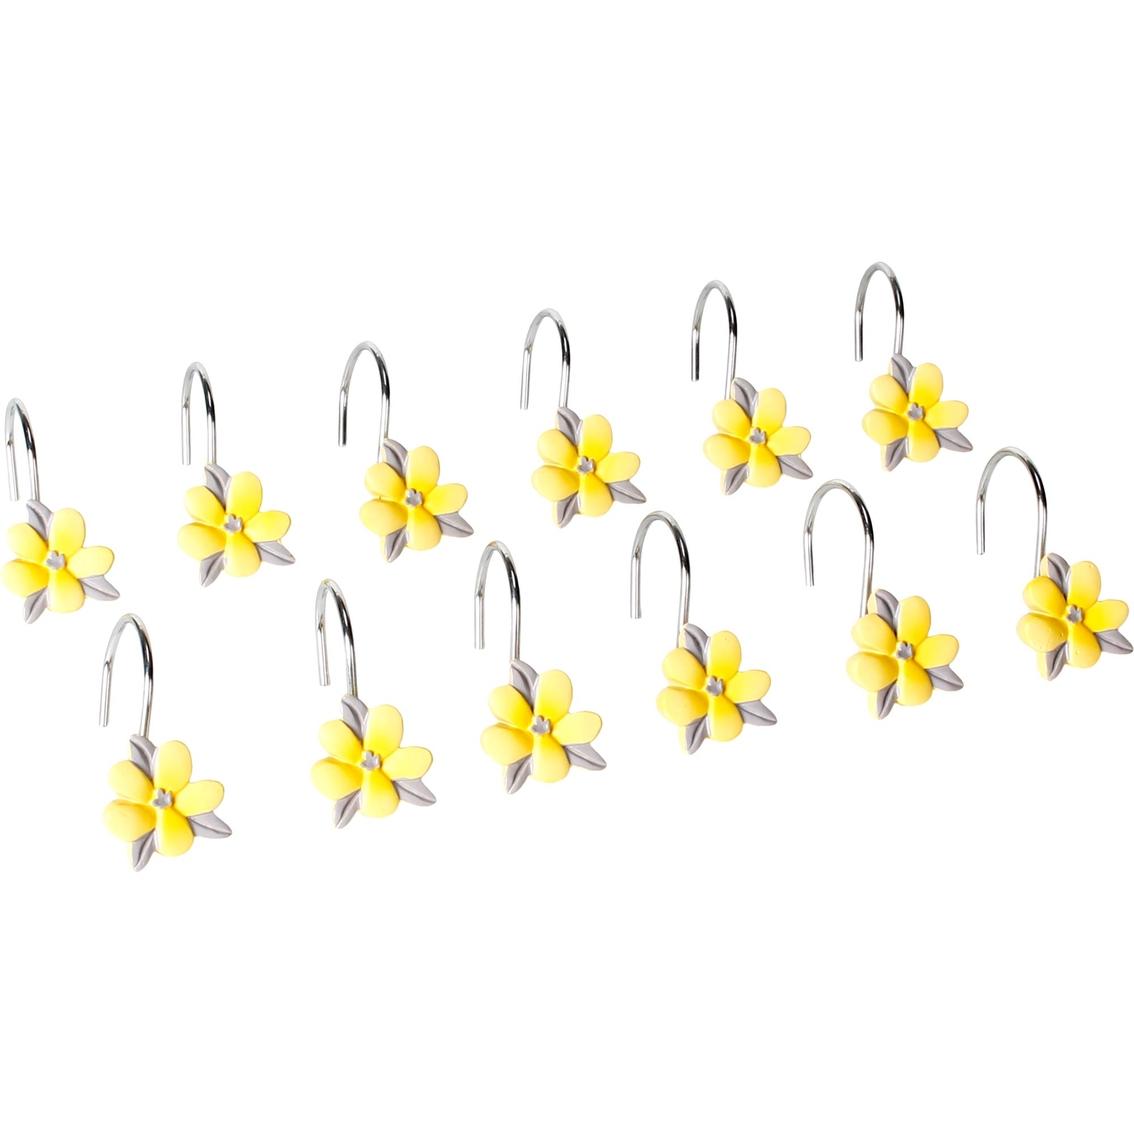 Saturday Knight Spring Garden Shower Curtain Hooks Shower